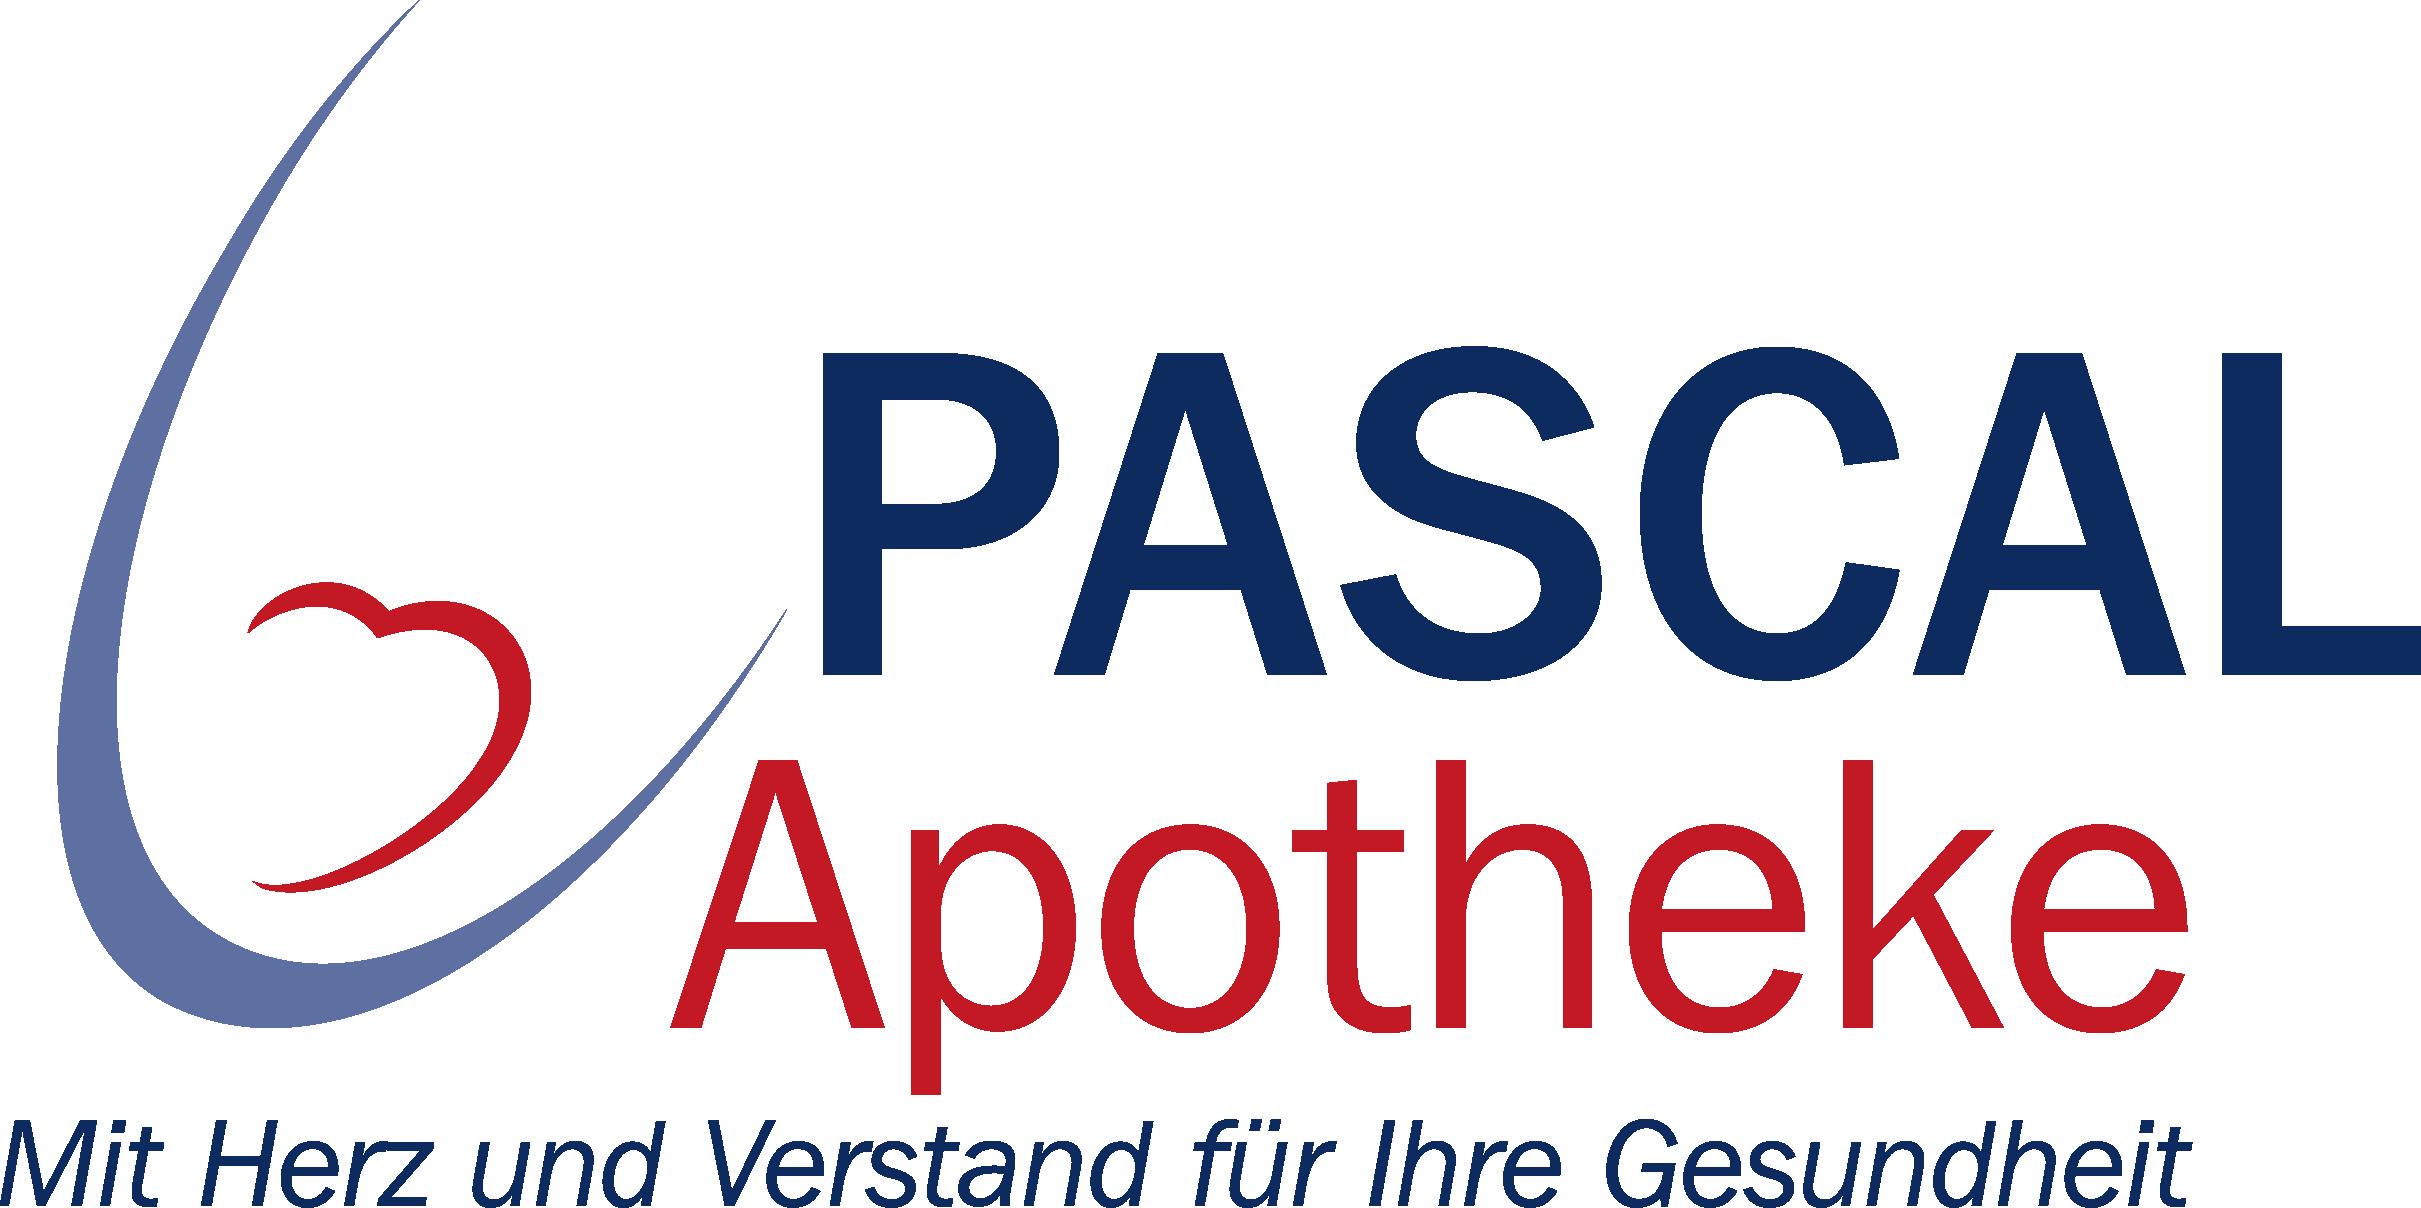 Pascal-Apotheke